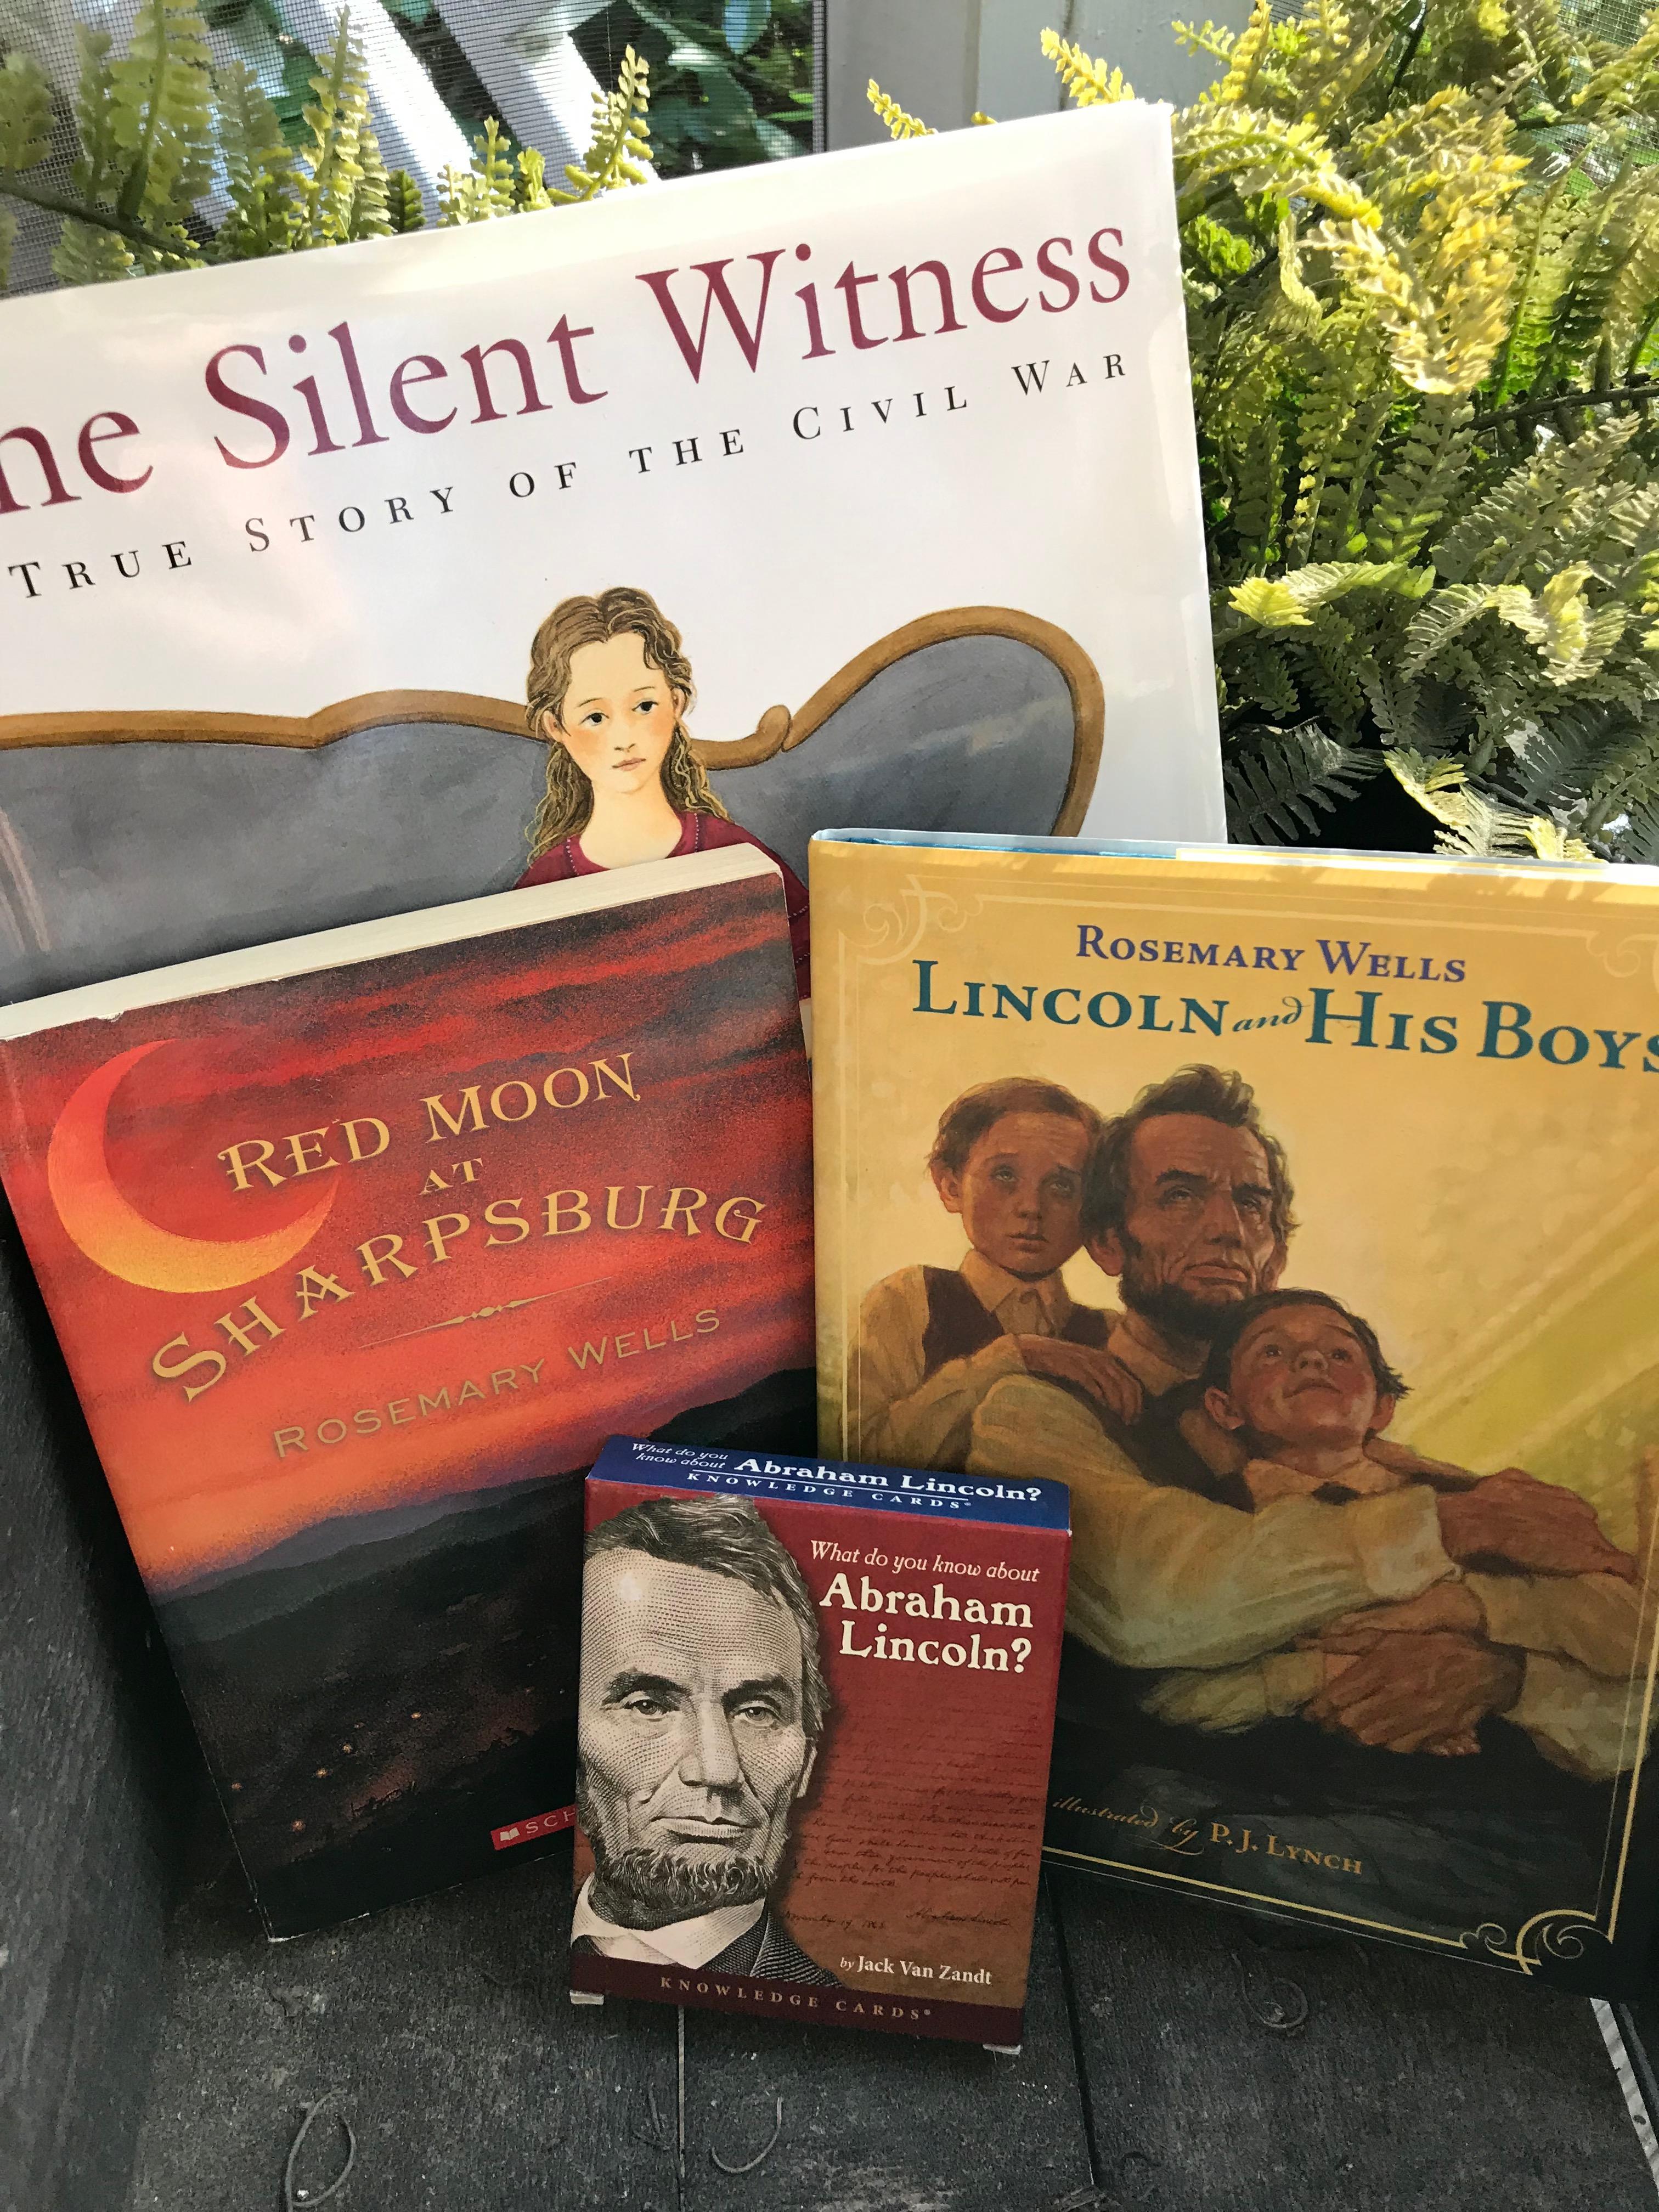 Books on Civil War